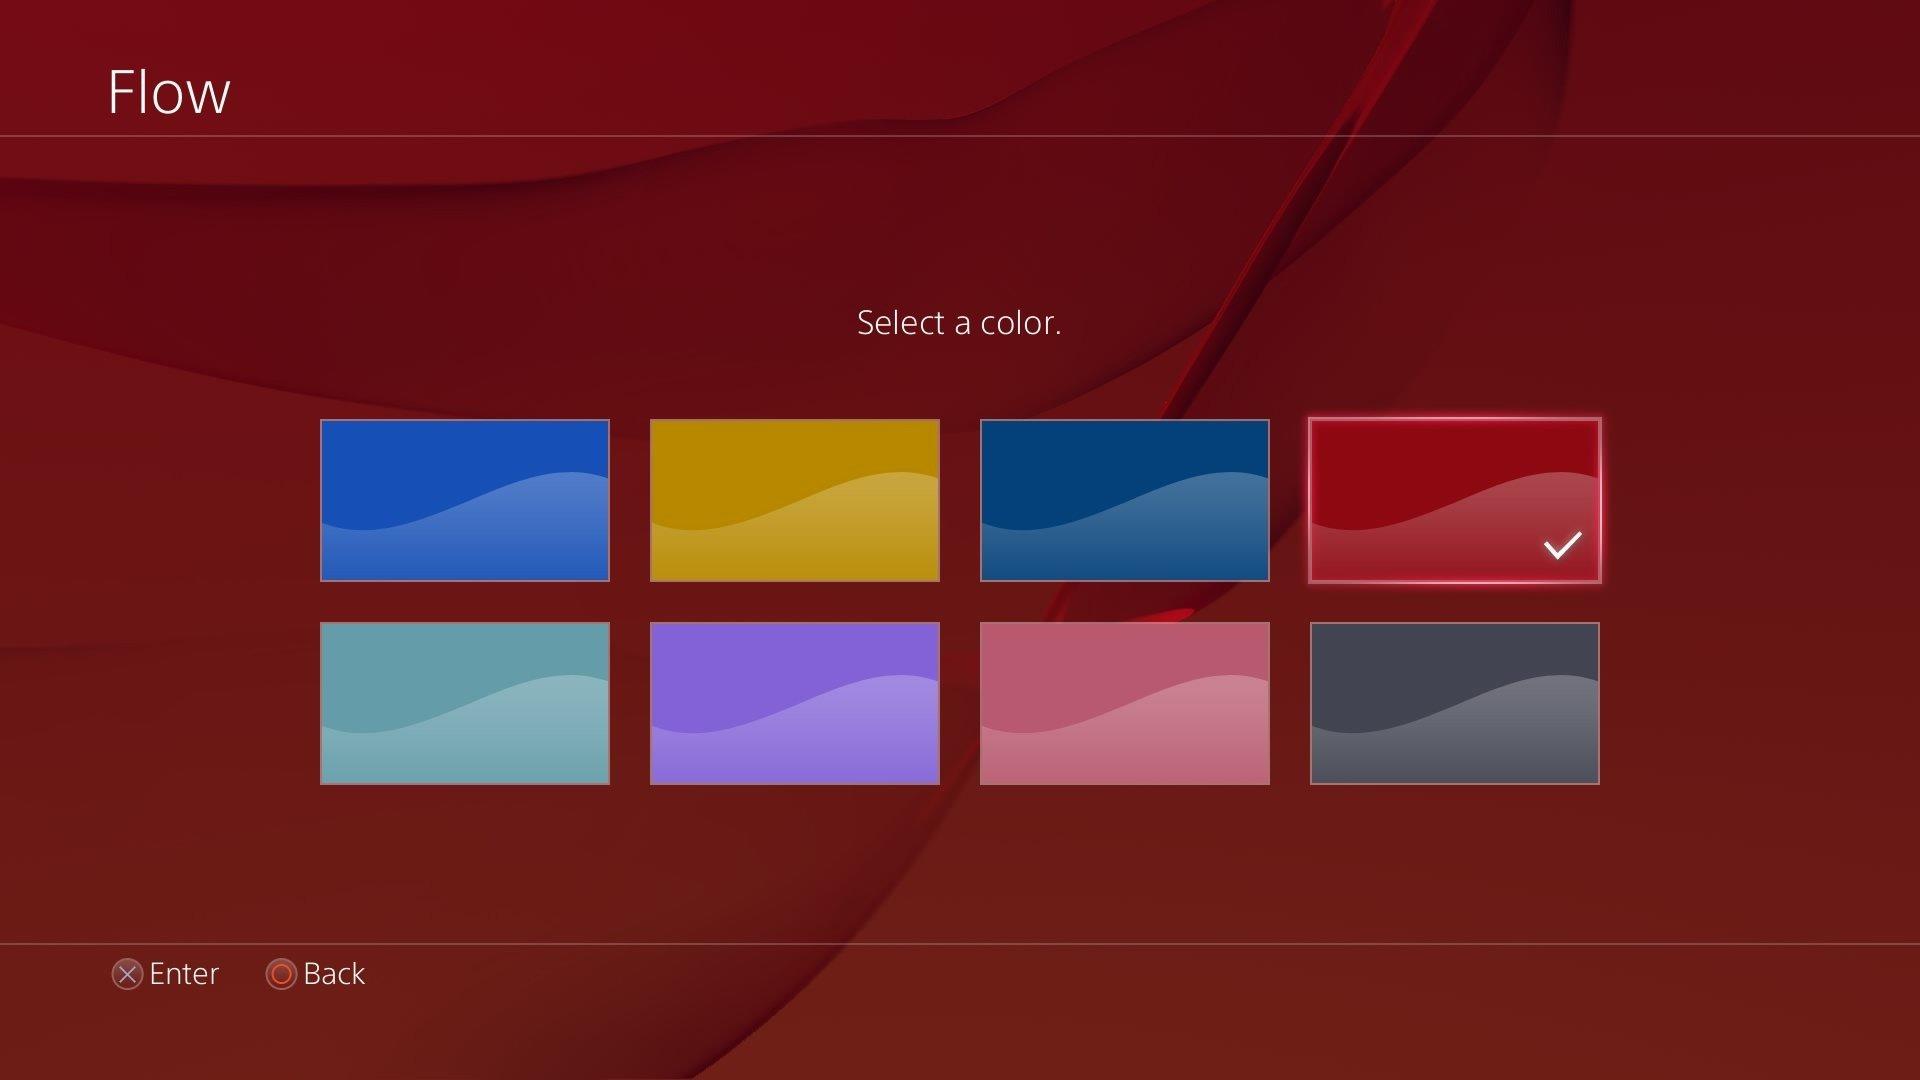 Скоро, обновление прошивки PS4, под названием 2.0. Узрите же!. - Изображение 2